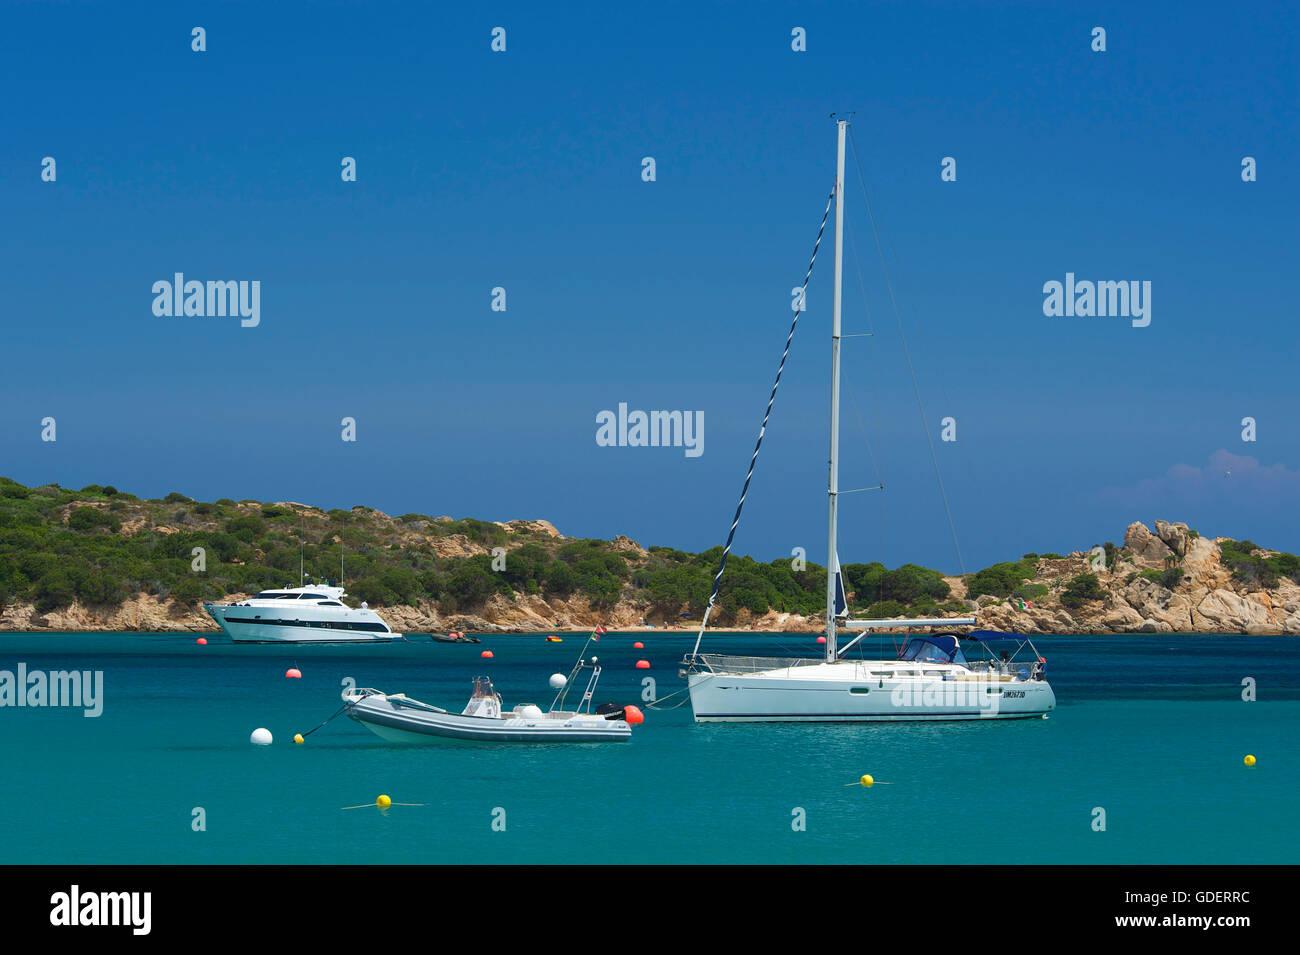 Yachten in einer Bucht auf La Maddalena, Sardinien, Italien - Stock Image